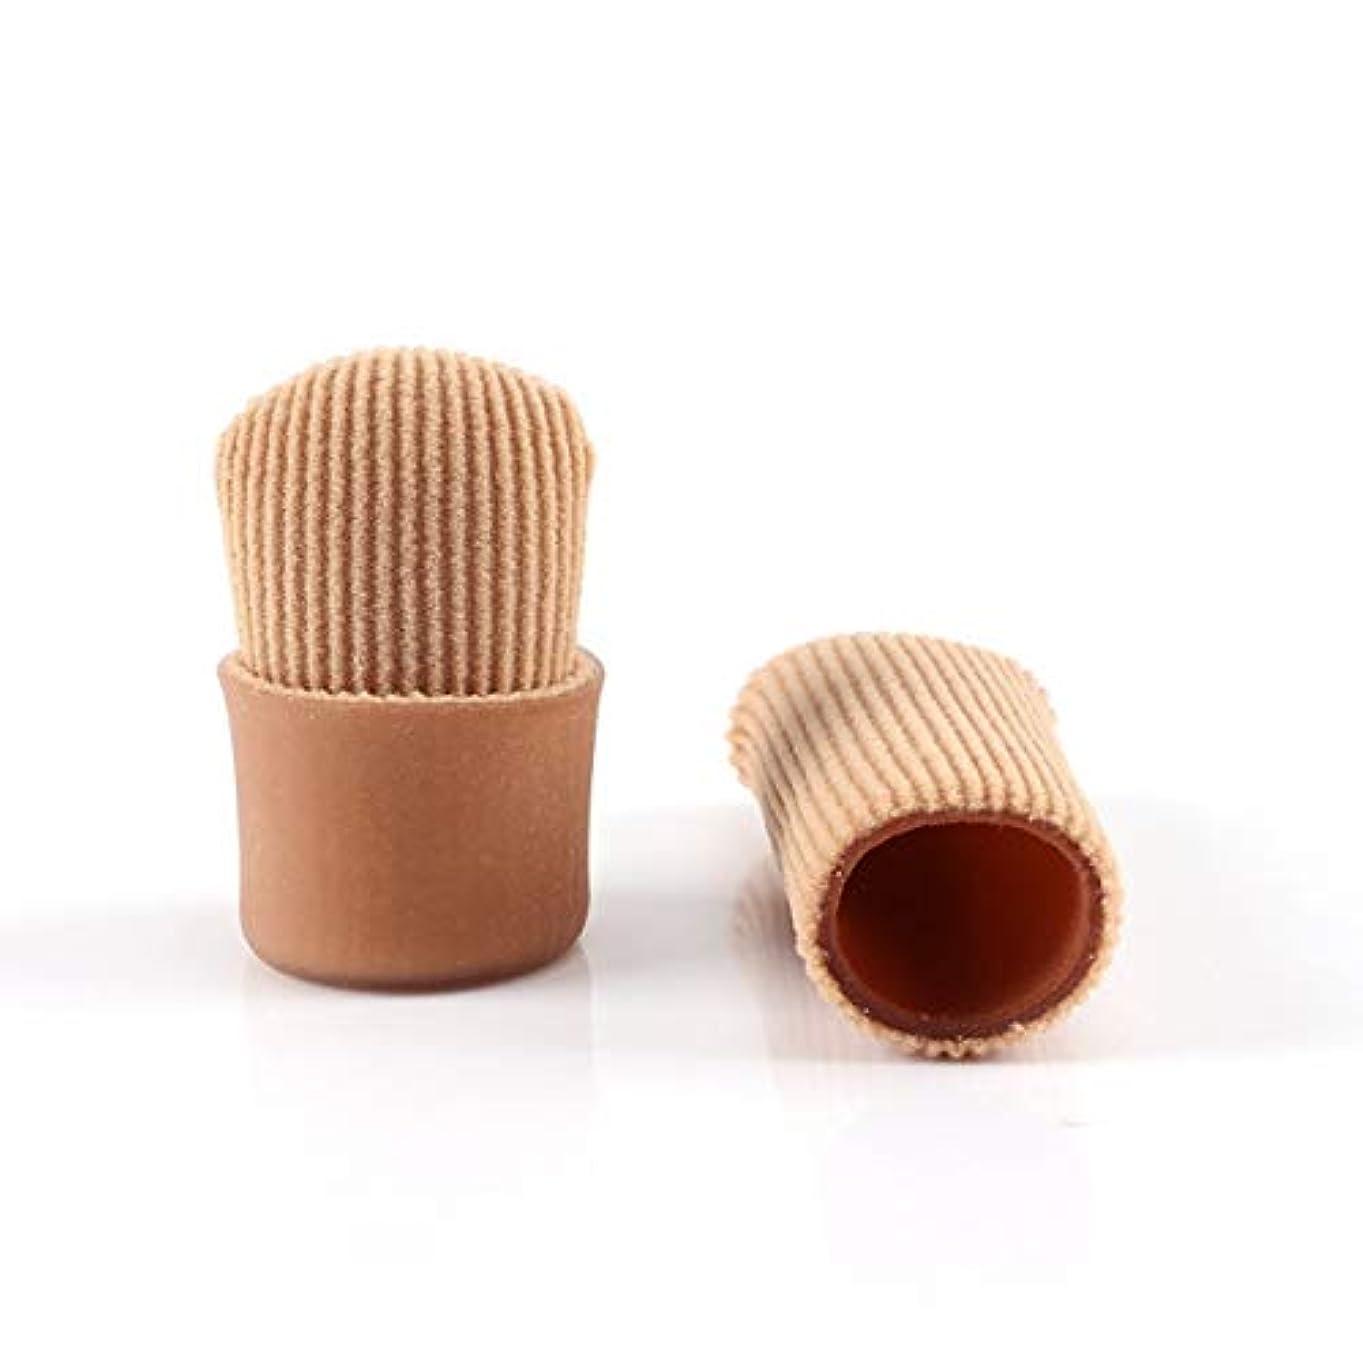 折る振るページOpen Toe Tubes Gel Lined Fabric Sleeve Protectors To Prevent Corns, Calluses And Blisters While Softening Soothing...